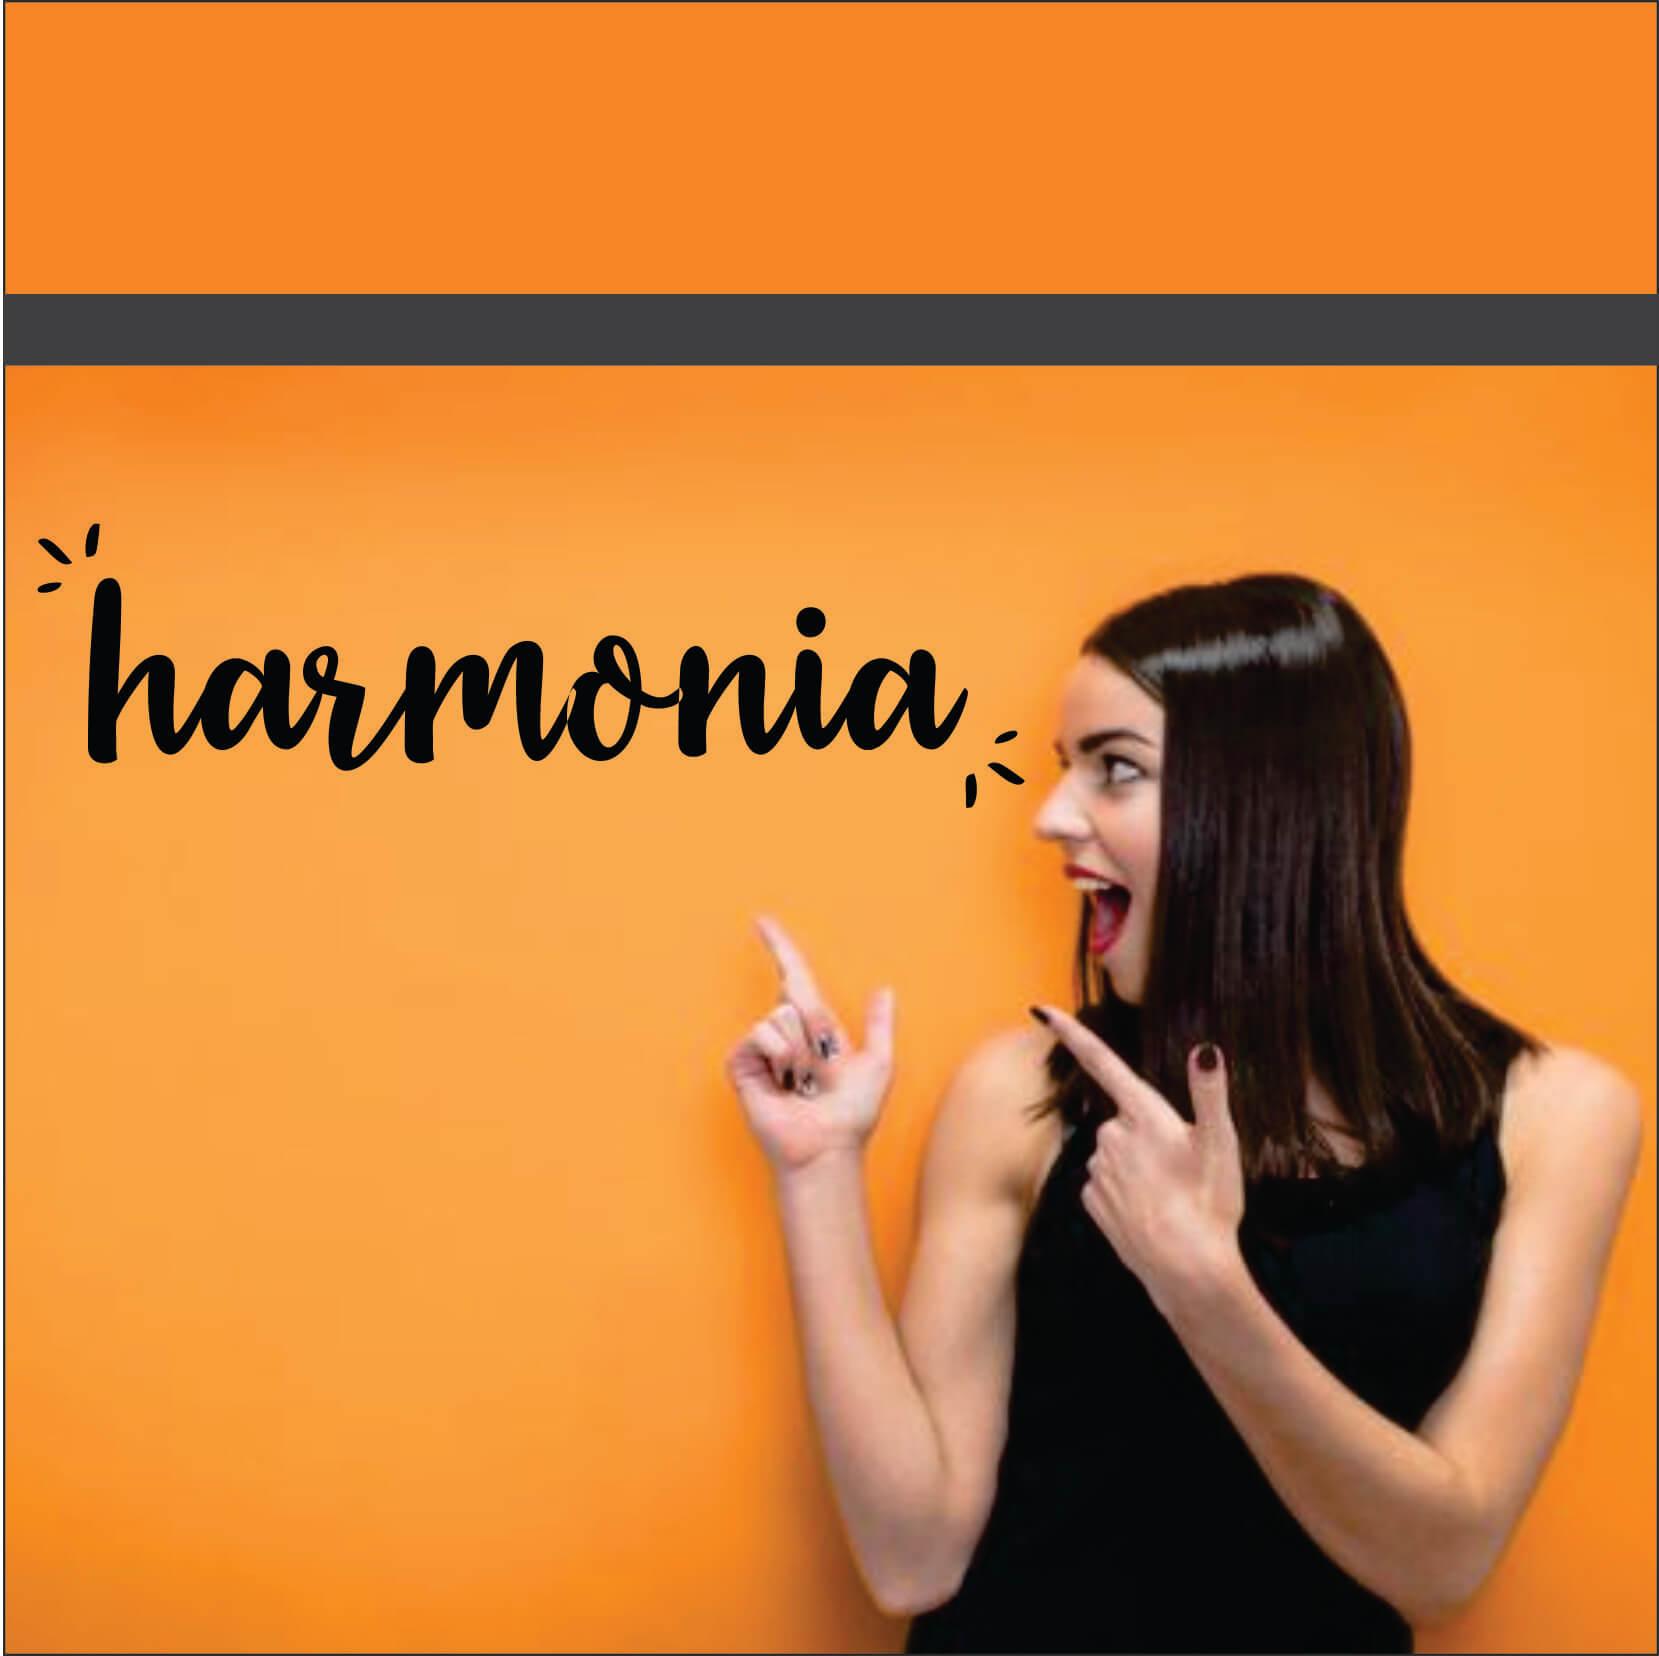 HARMONIA PALAVRA ADESIVA